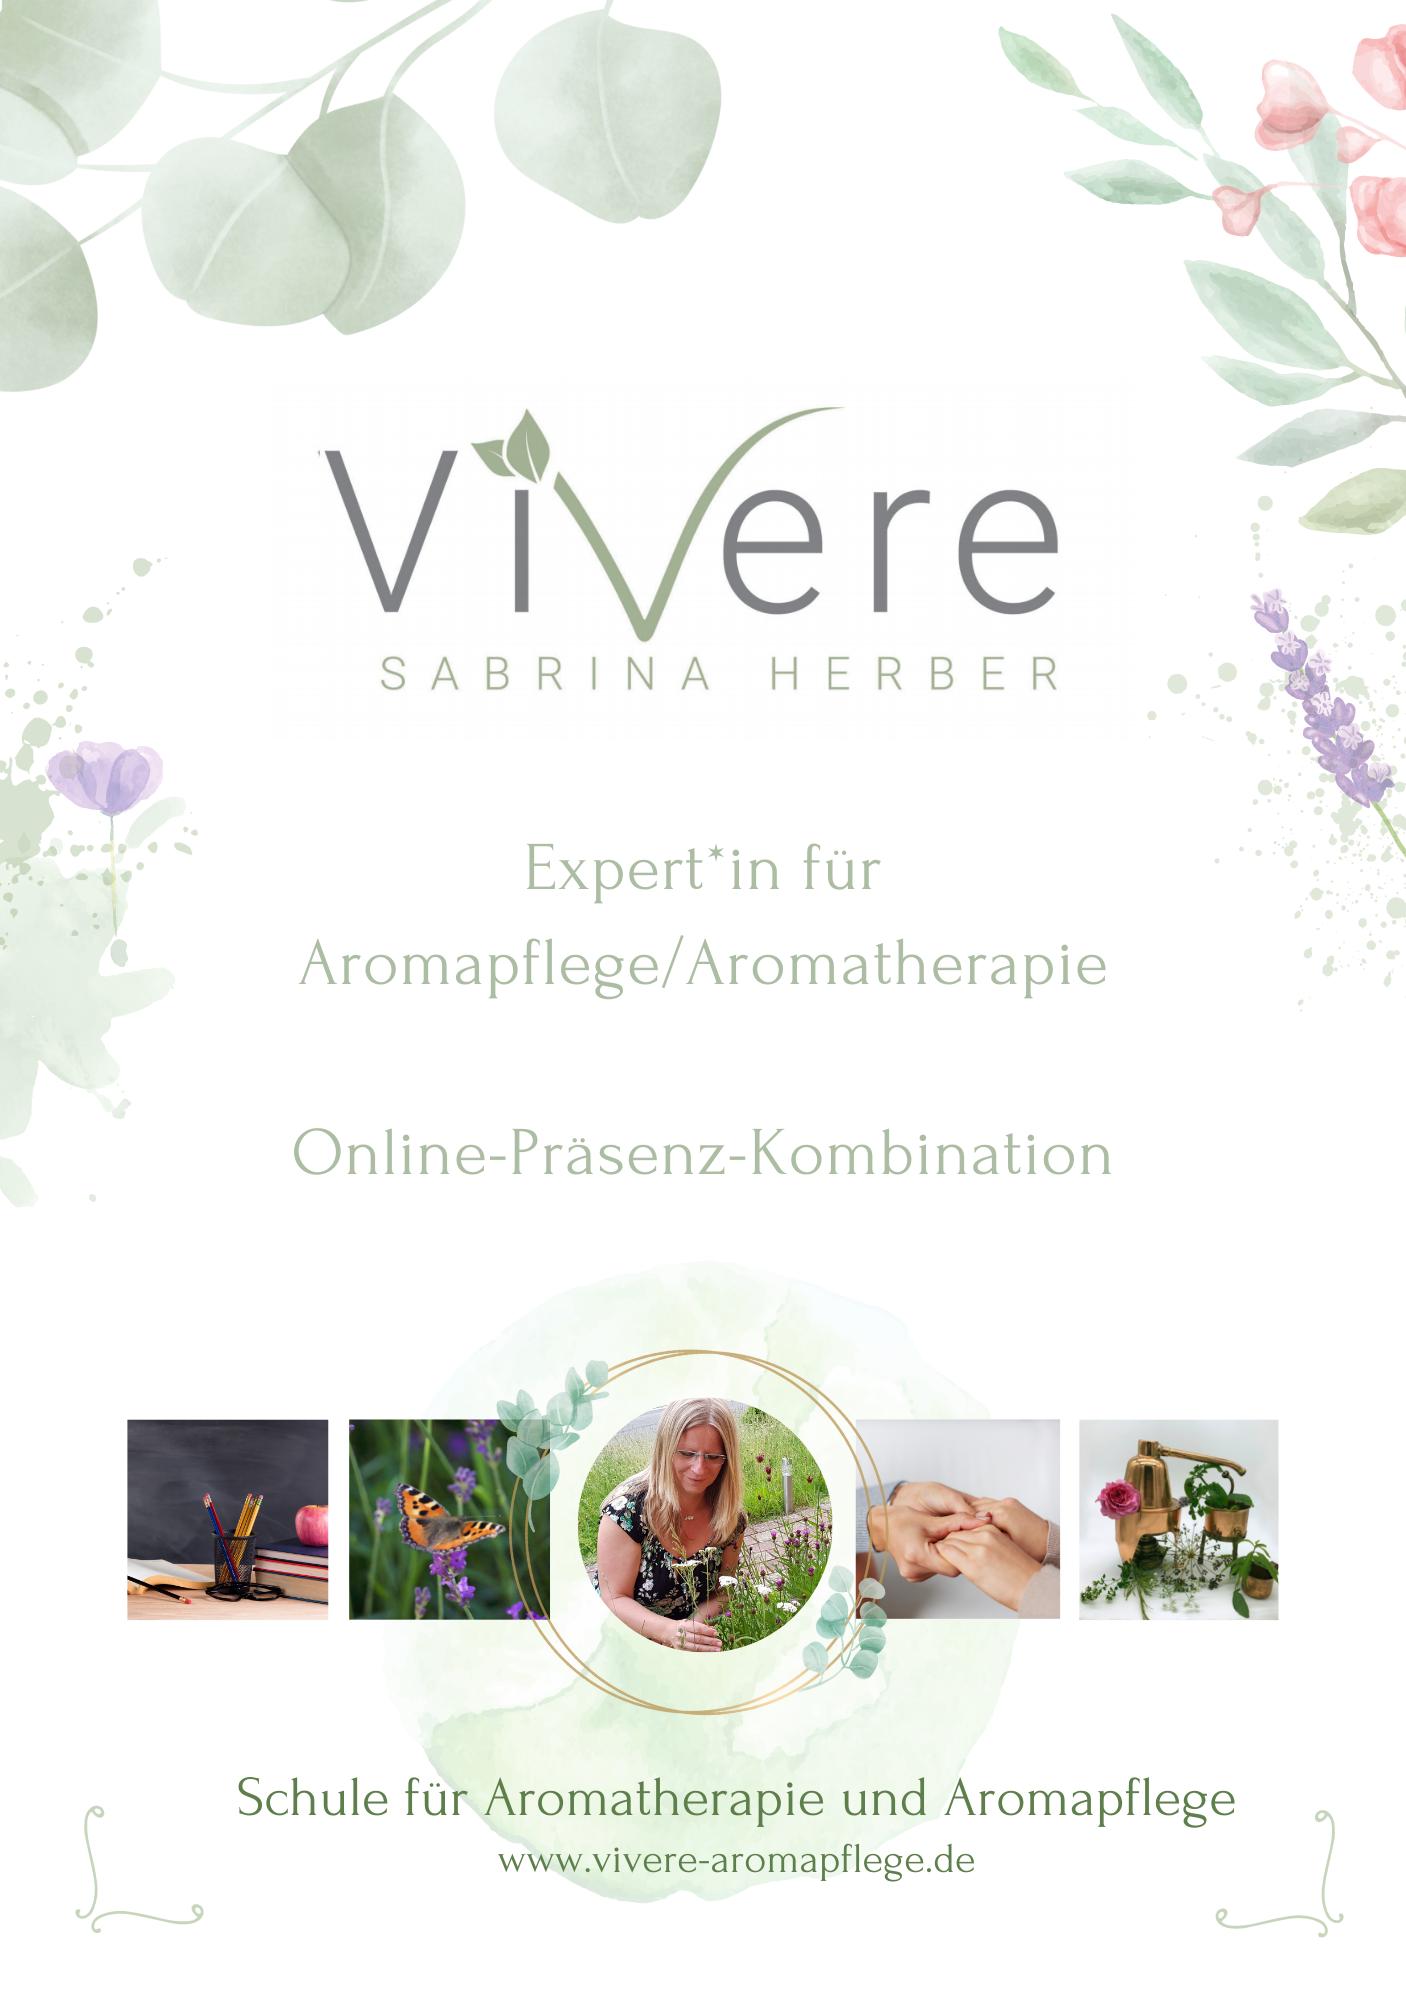 Experte*in Aromapflege/Aromatherapie - Schwerpunkt Gesundheits- und Krankenpflege oder Altenpflege